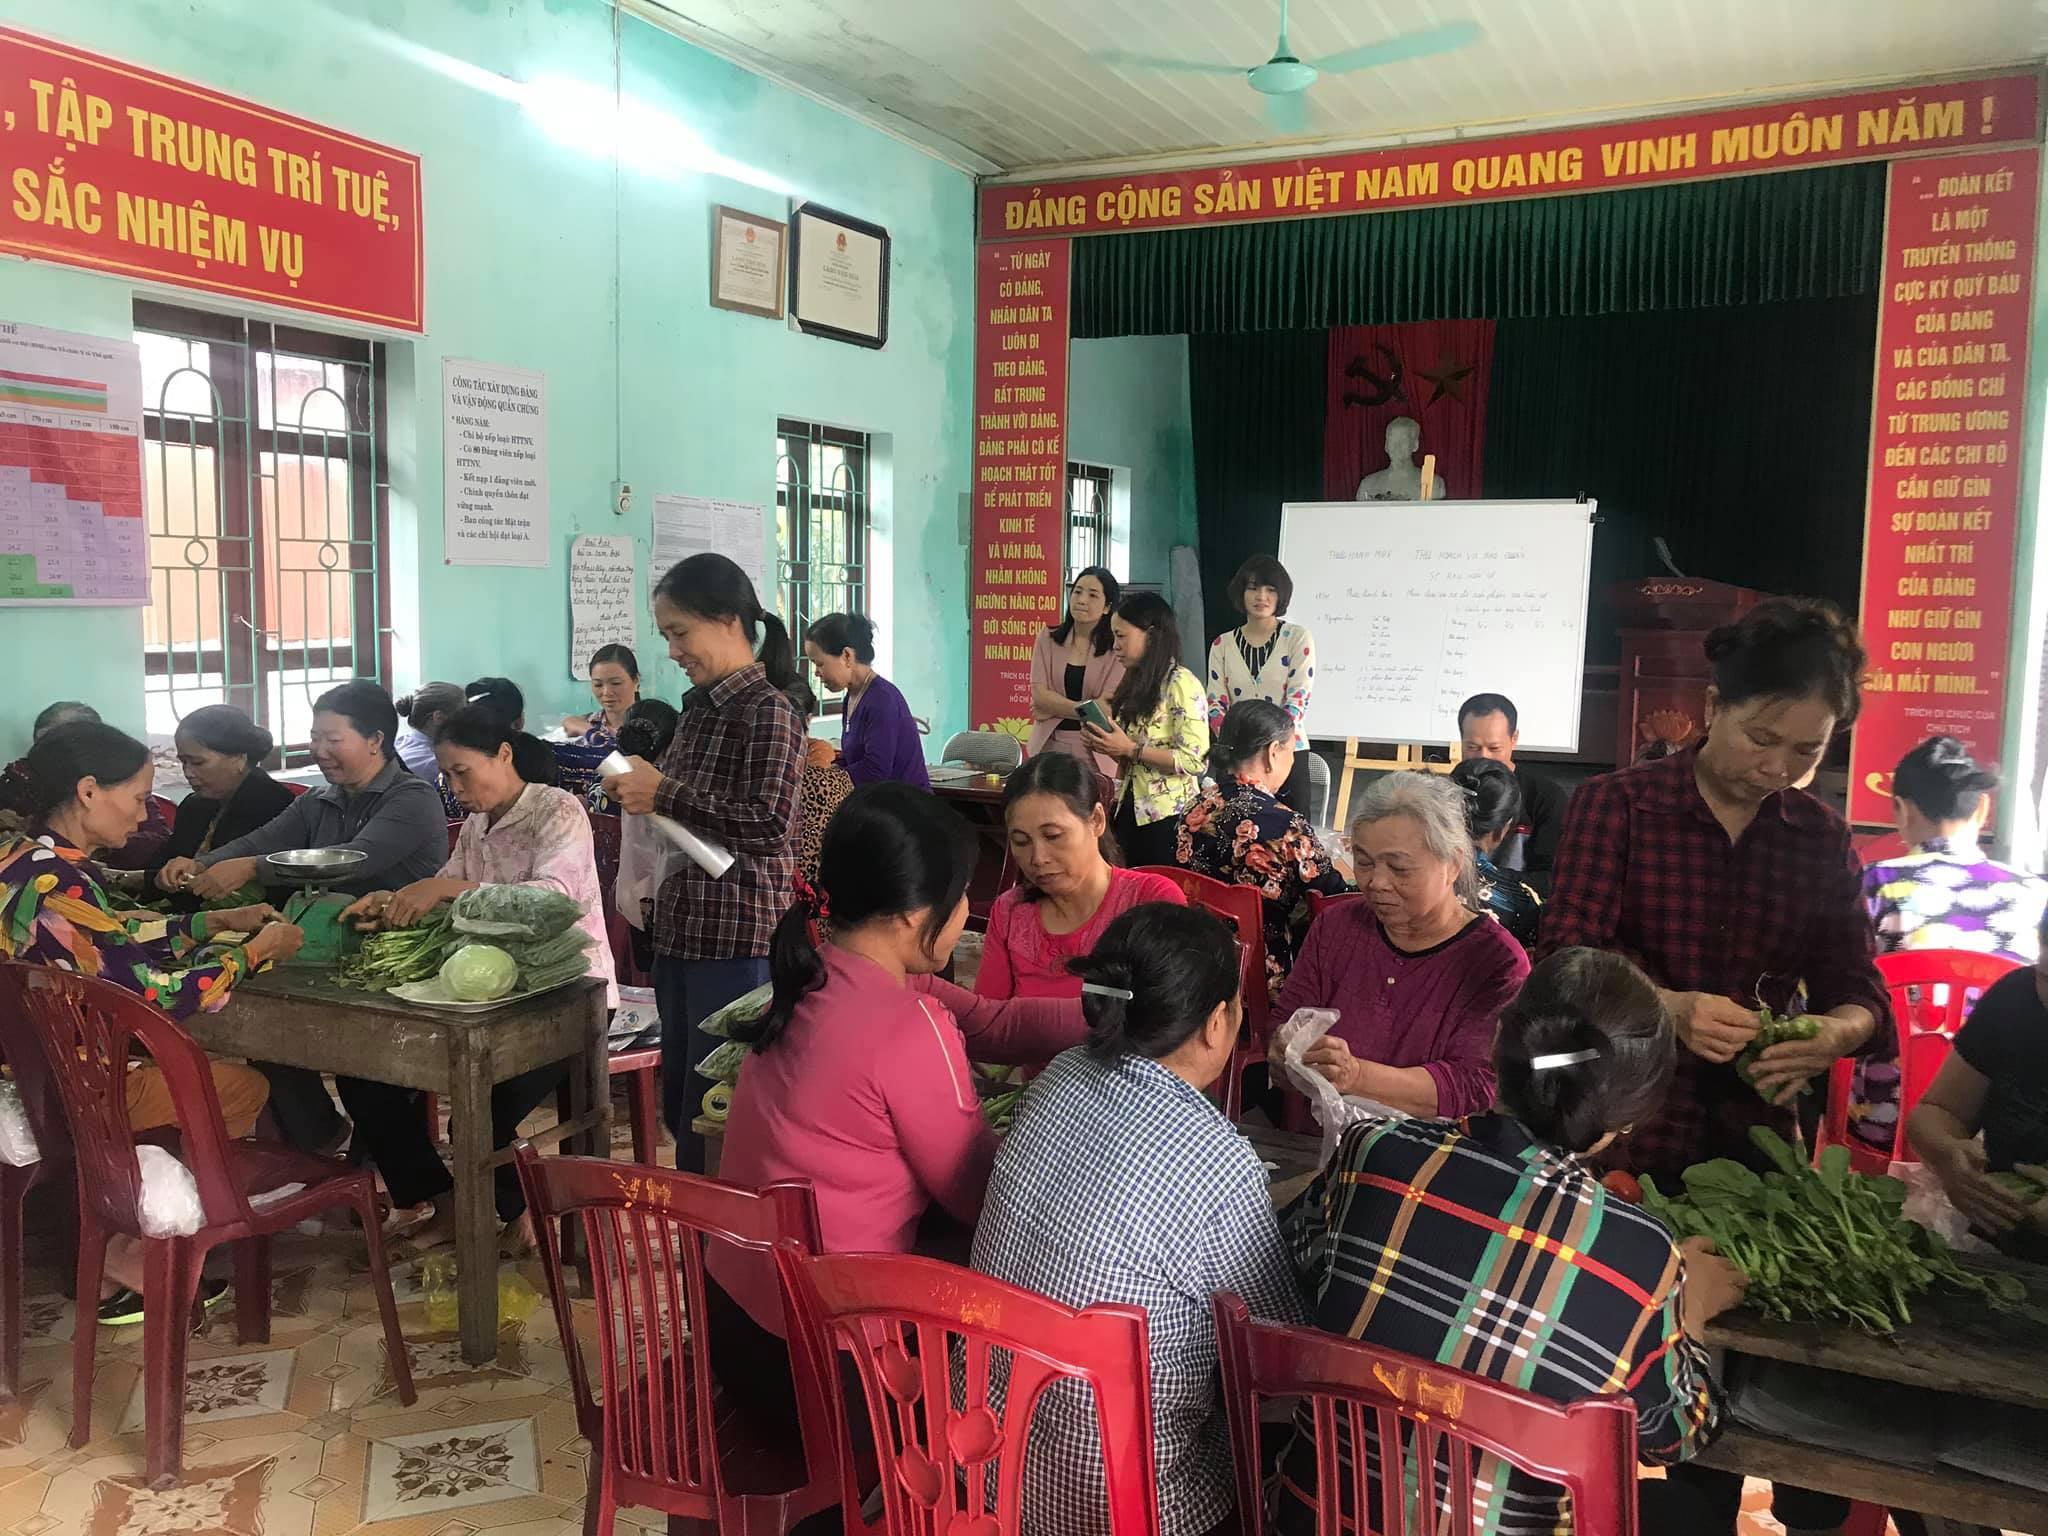 Trung tâm Dạy nghề và Hỗ trợ Nông dân thành phố tăng cường công tác dạy nghề ngắn hạn cho nông dân